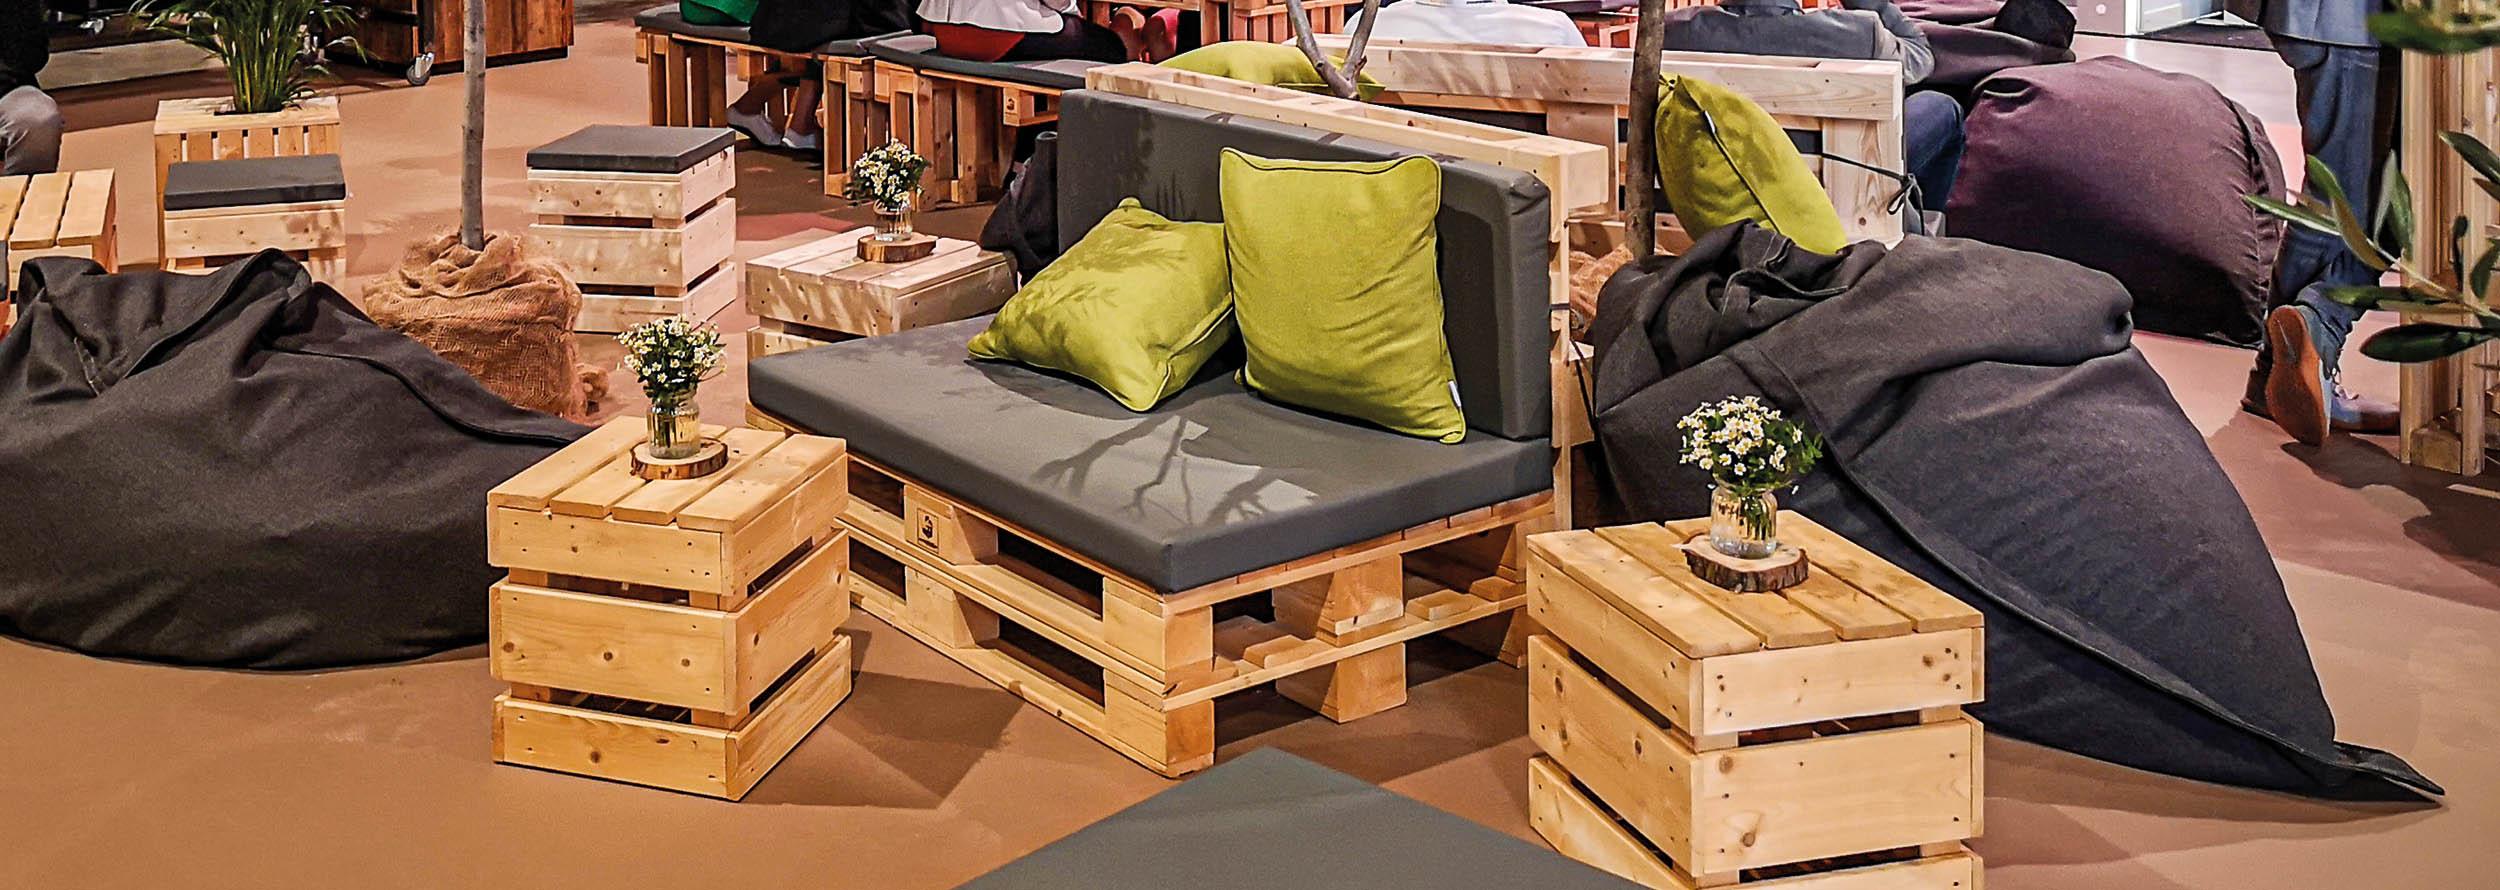 Palettenmöbel für Loungebereiche für Workshops